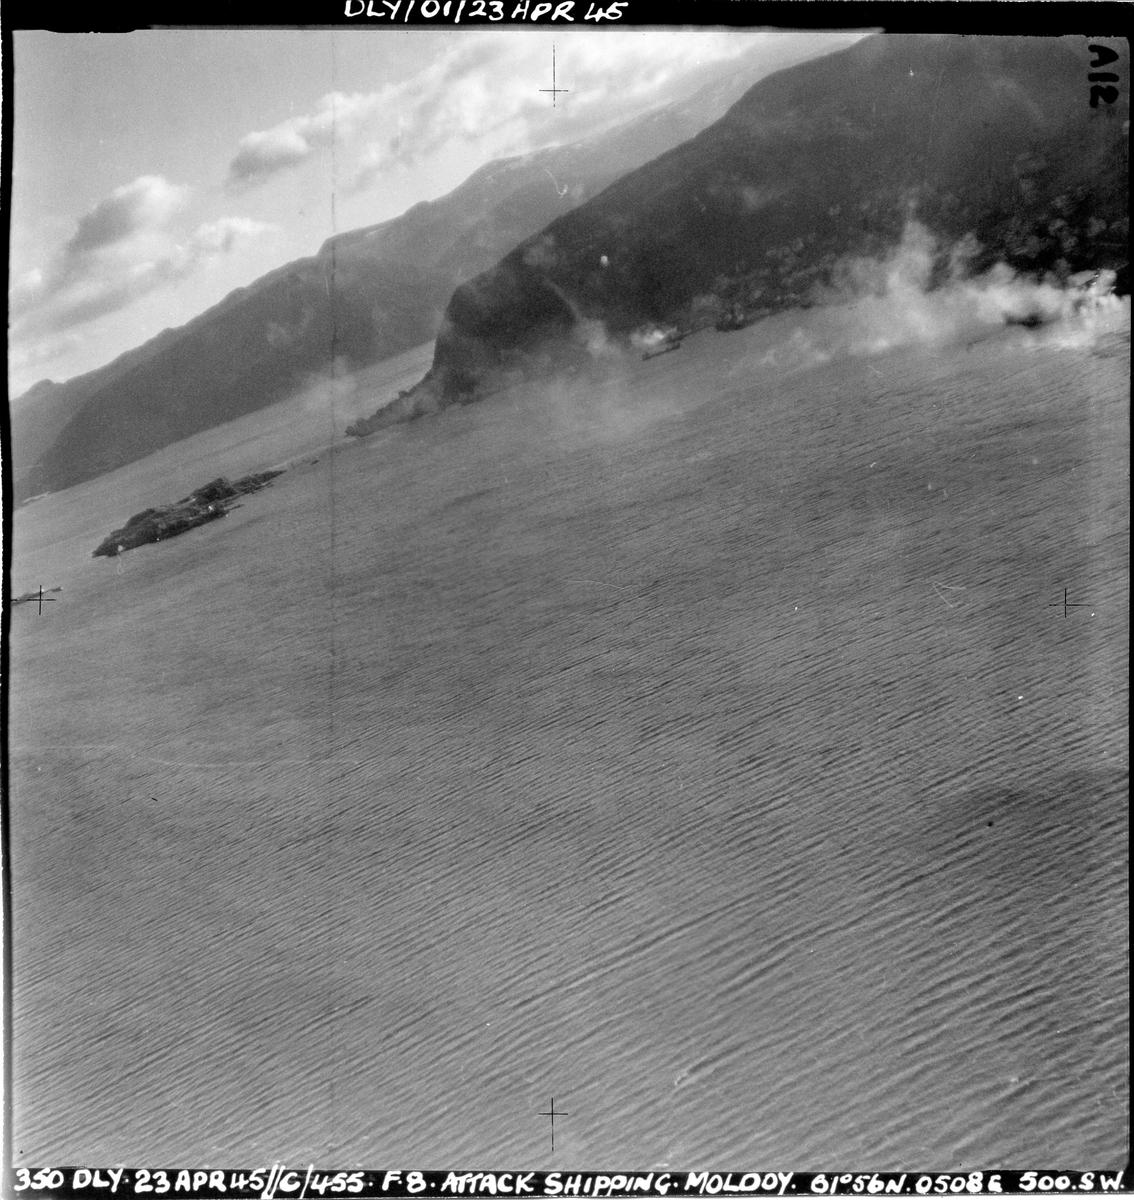 455 skvadronen angriper fiendtlige skip ved Måløy, 23. april 1945.